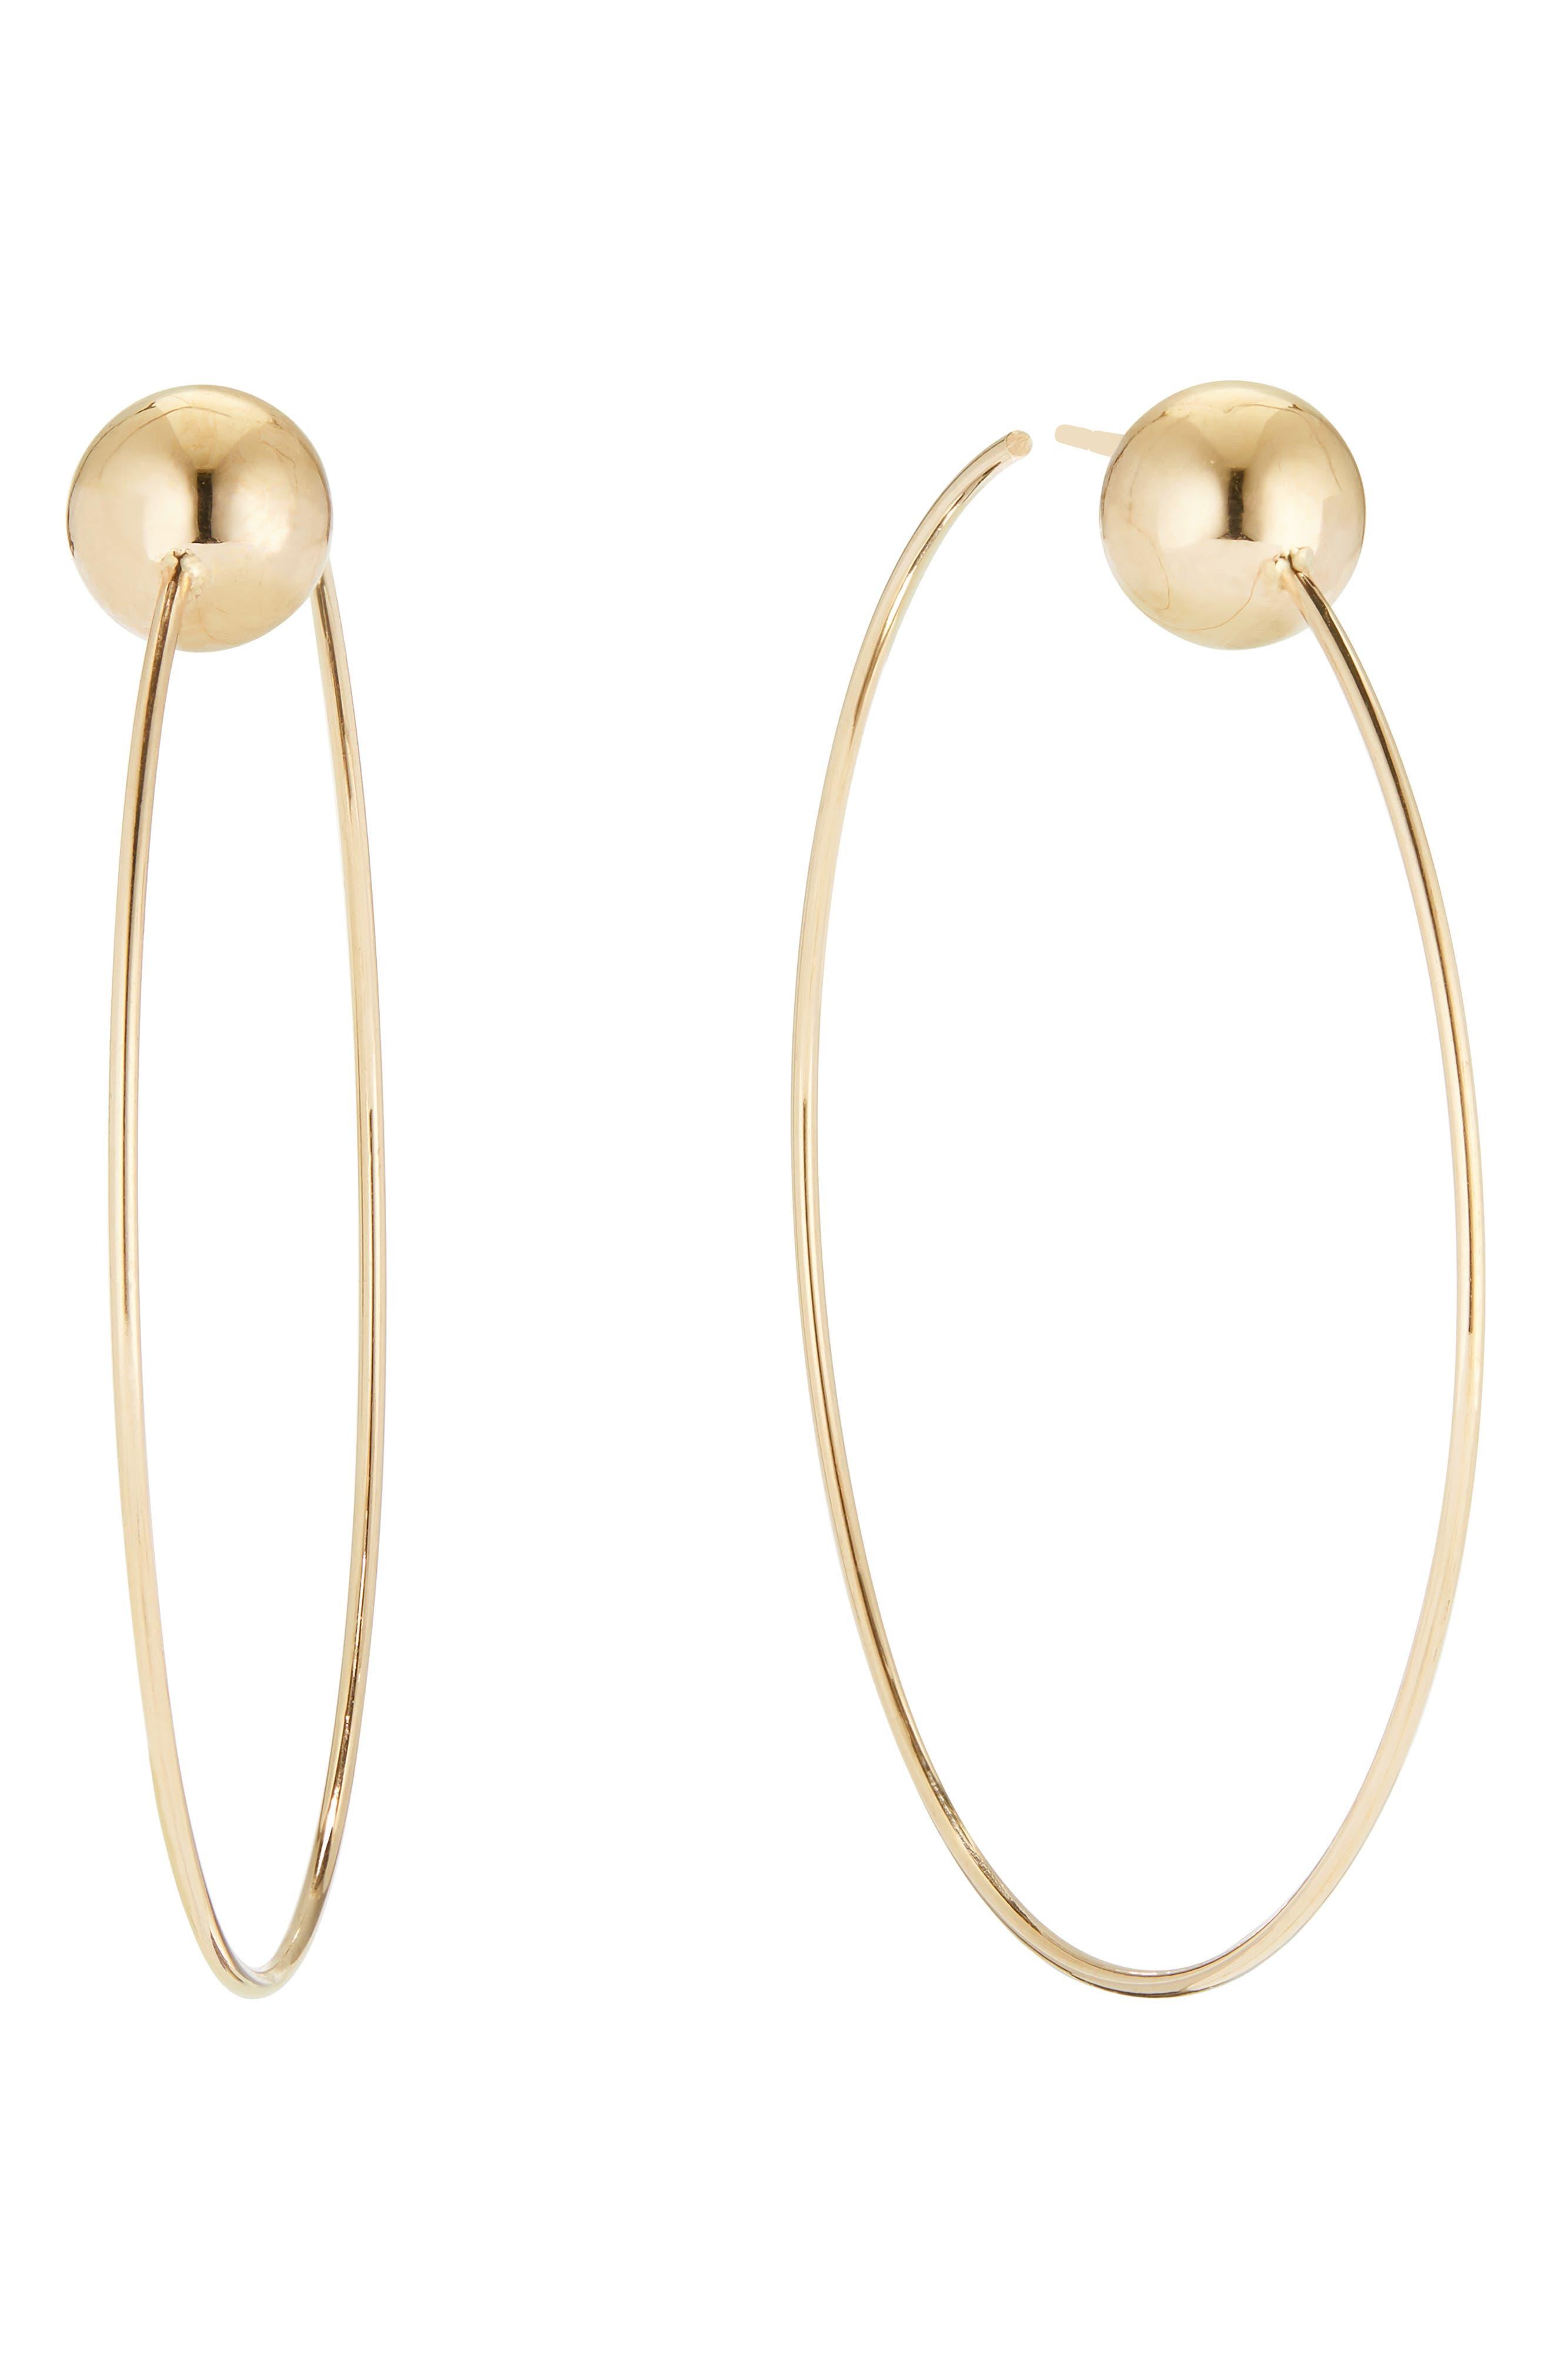 LANA 14K Gold Bead-Post Hoop Earrings